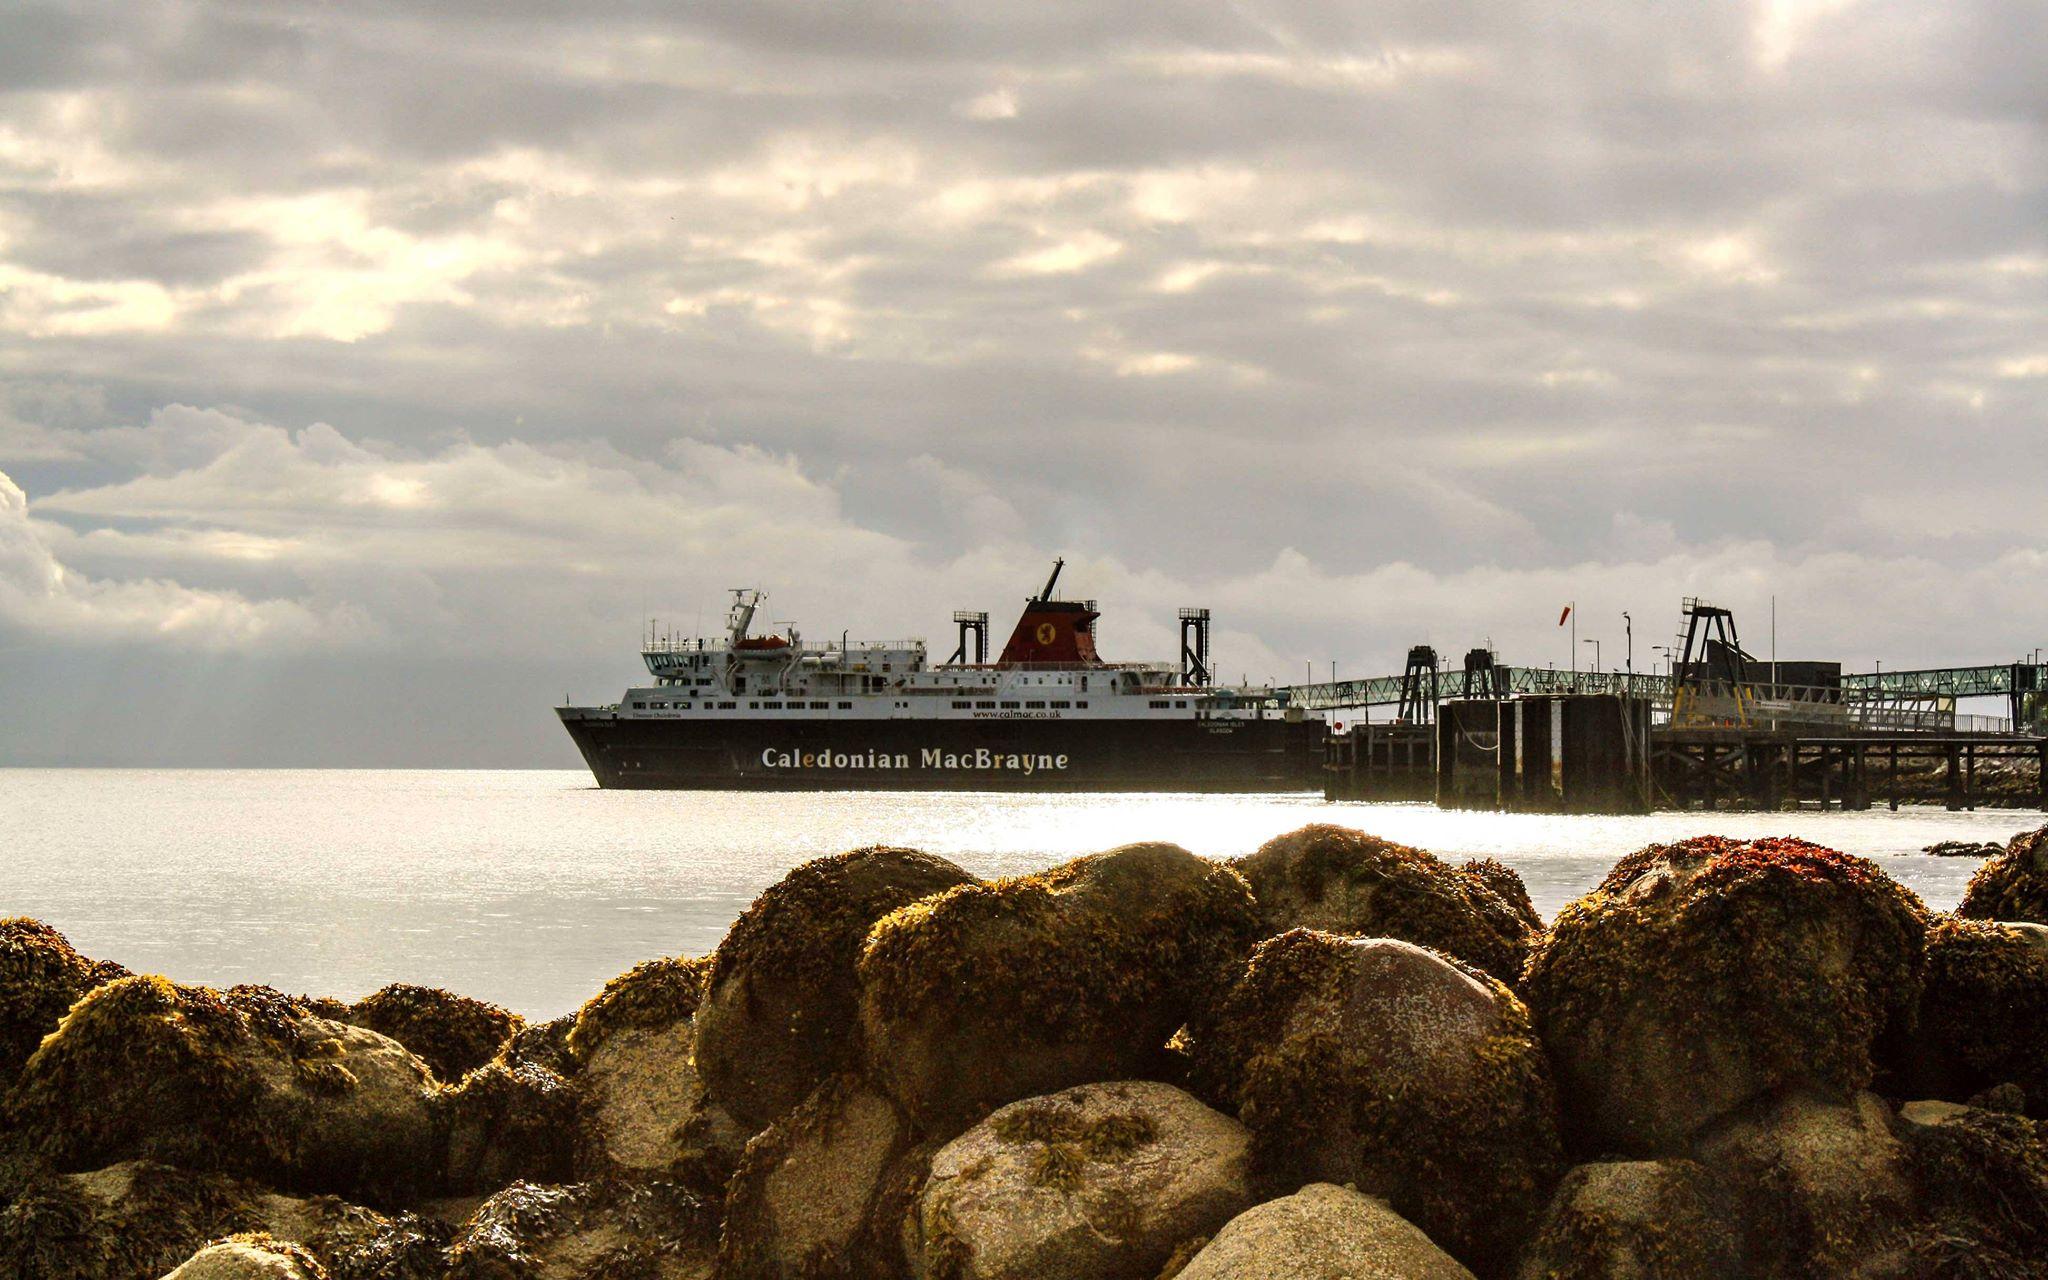 Caledonian Isles at Brodick (Ships of CalMac)